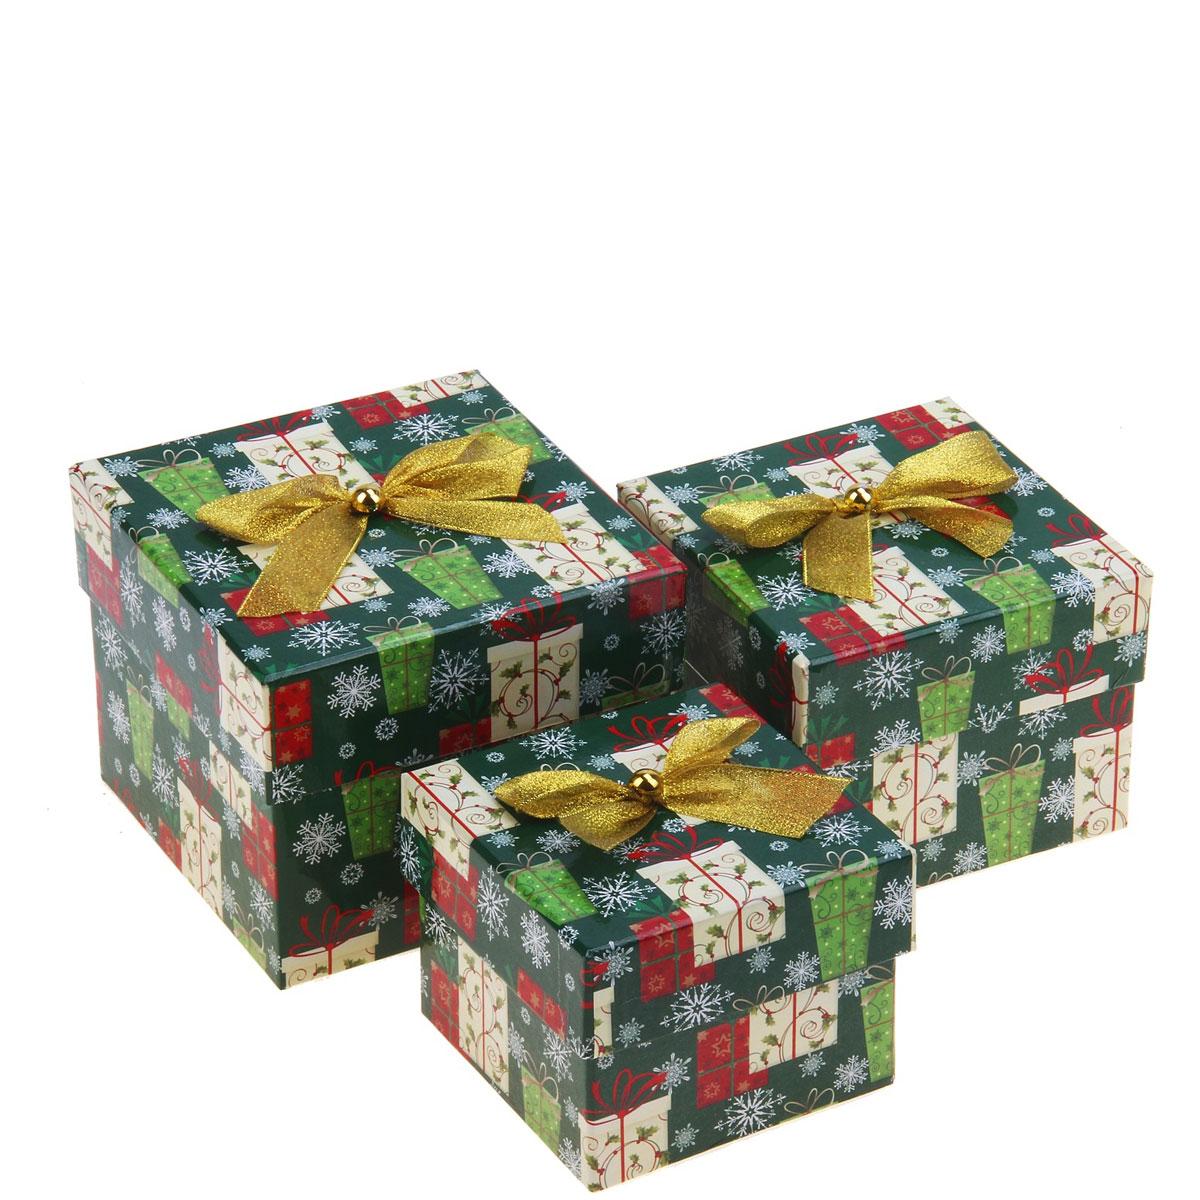 Набор коробок 3в1 Подарочки на зеленом, куб. 682374682374Набор квадратных коробок 3в1 Подарочки на зеленом выполнен из плотного картона и предназначен для праздничной упаковки новогодних подарков. Набор коробок декорирован изображением снежинок и украшен золотистым бантиком. Подарок, преподнесенный в оригинальной упаковке, всегда будет самым эффектным и запоминающимся. Окружите близких людей вниманием и заботой, вручив презент в нарядном, праздничном оформлении.